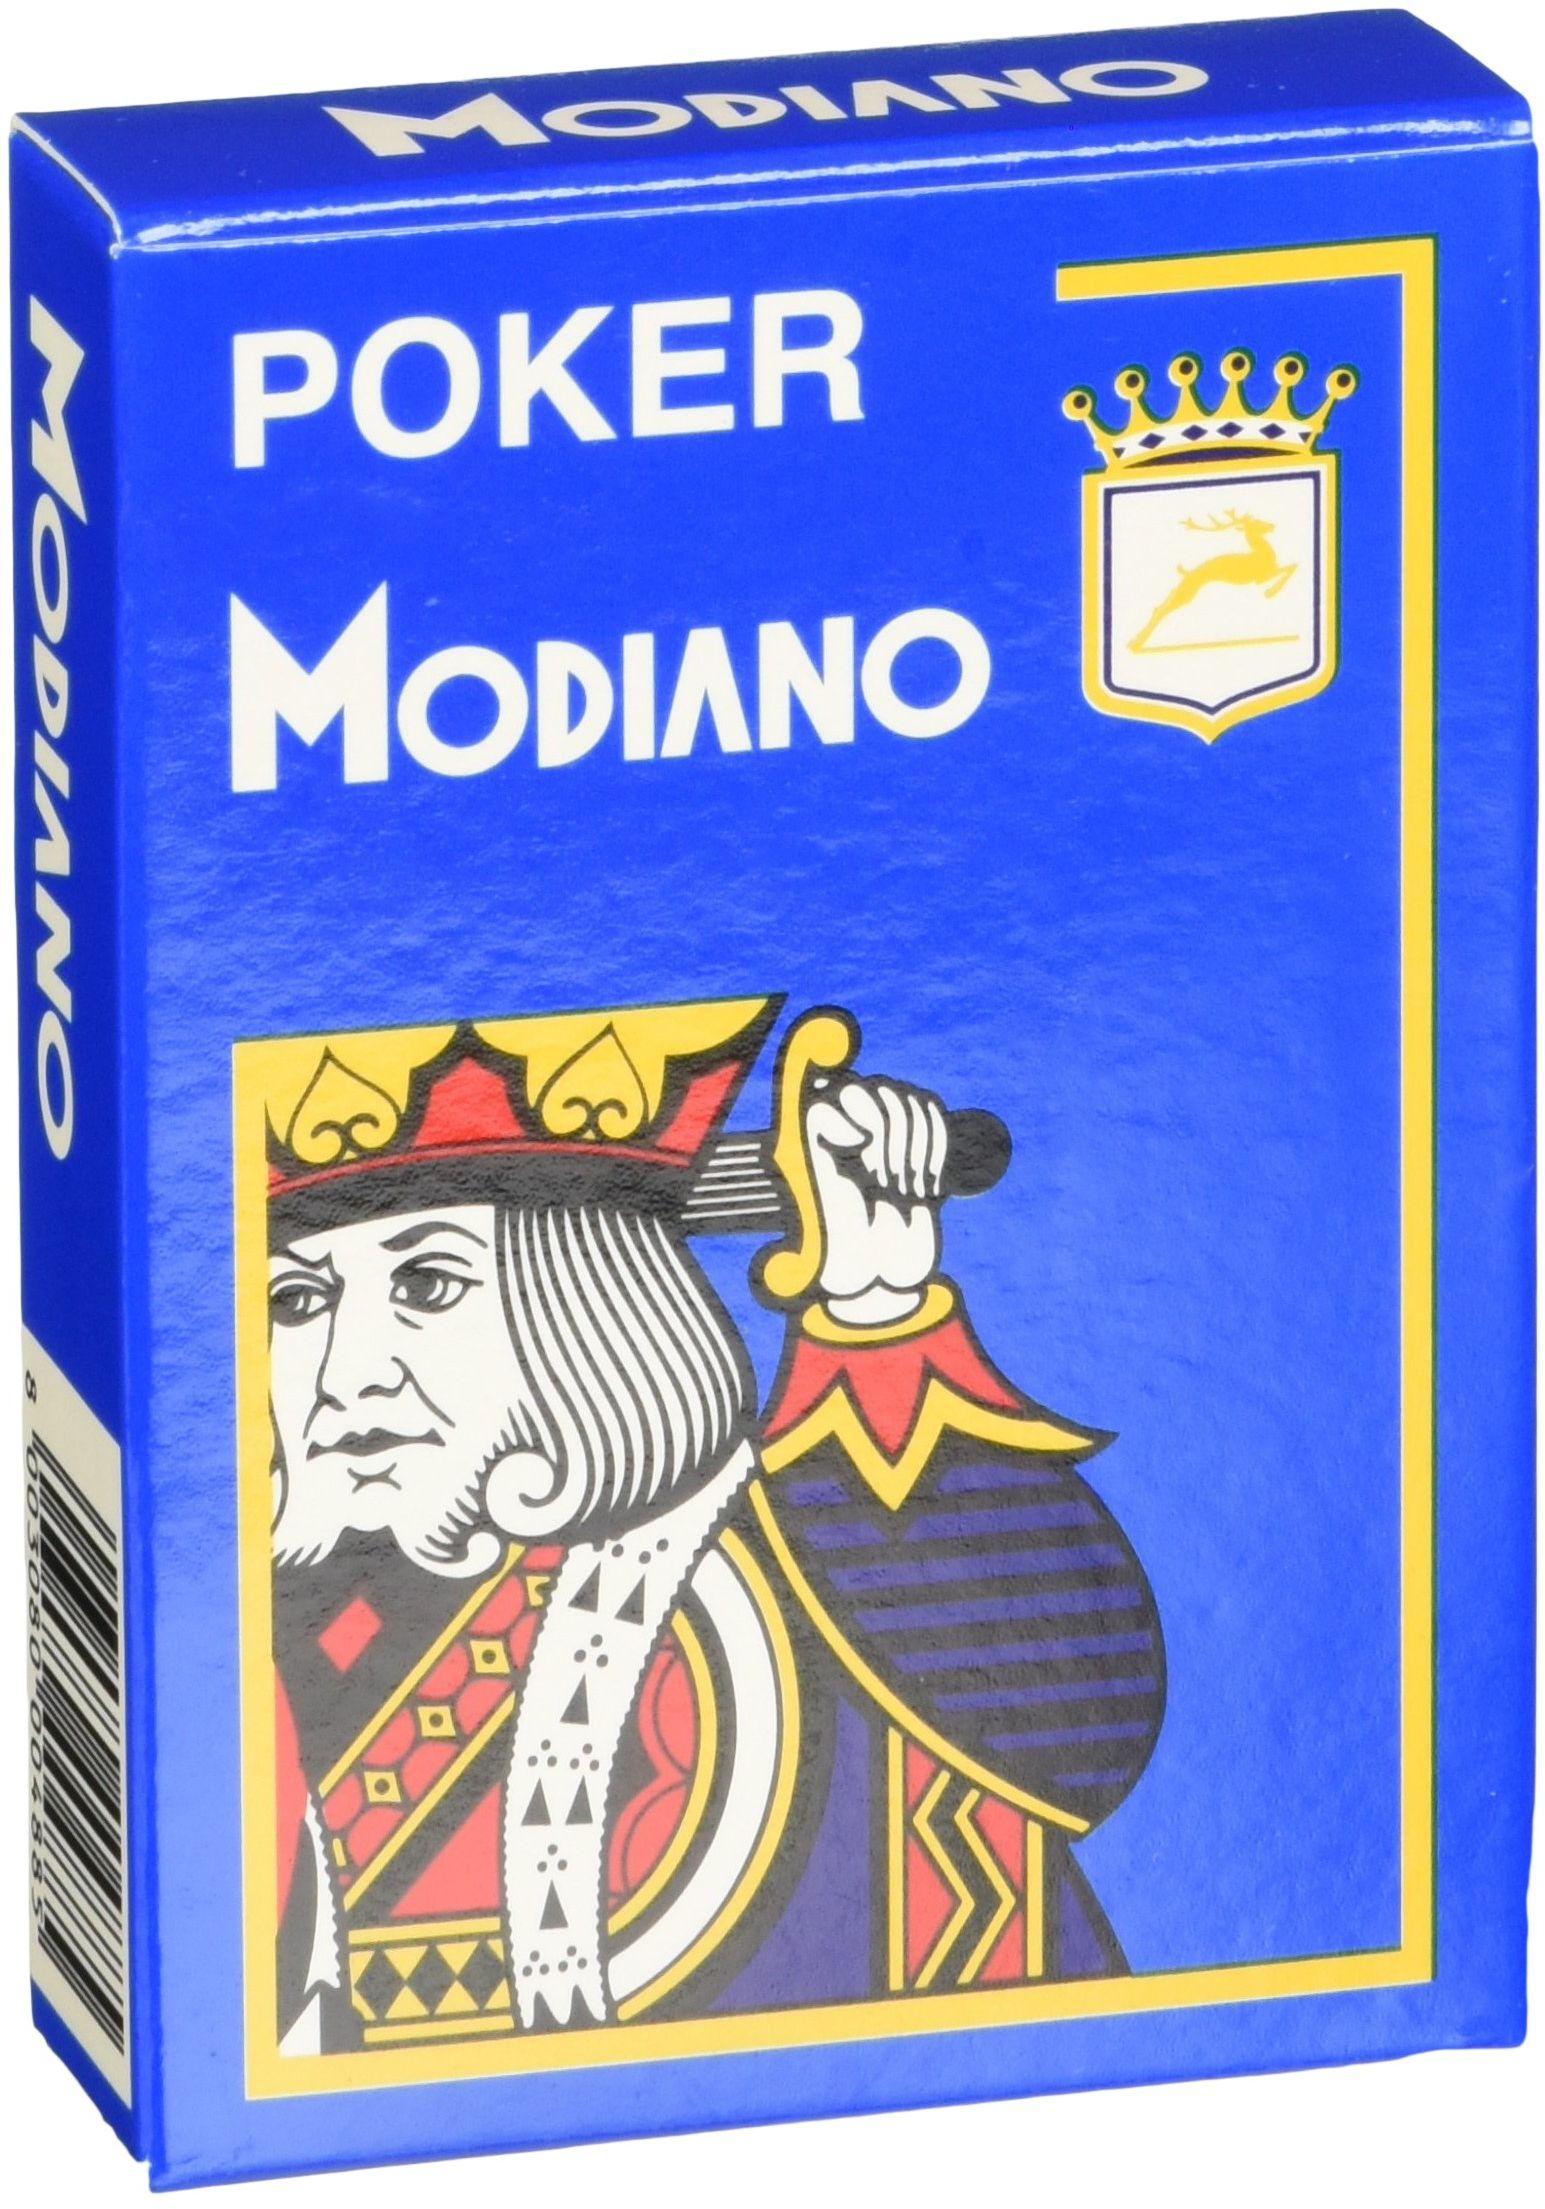 Modiano Karty do gry 488  poker Cristallo, 4 wskaźniki jasnoniebieskie